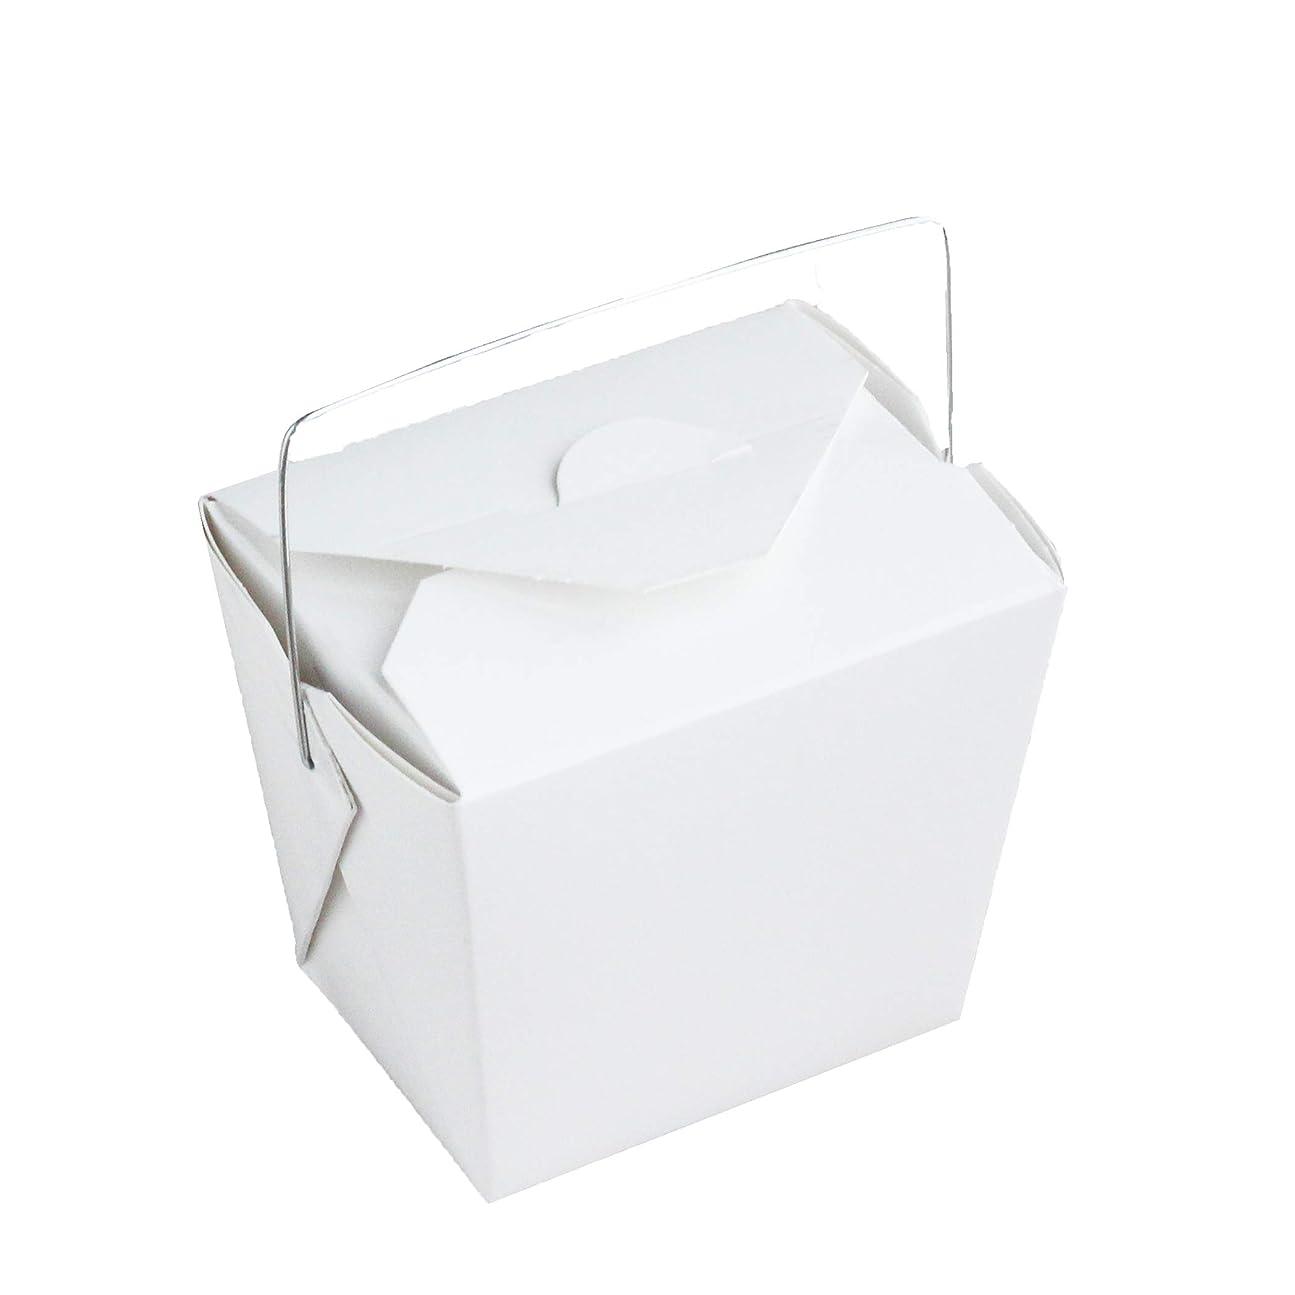 食料品店のため恩恵手作り石けん用 ワイヤー取っ手付きホワイトペーパー型